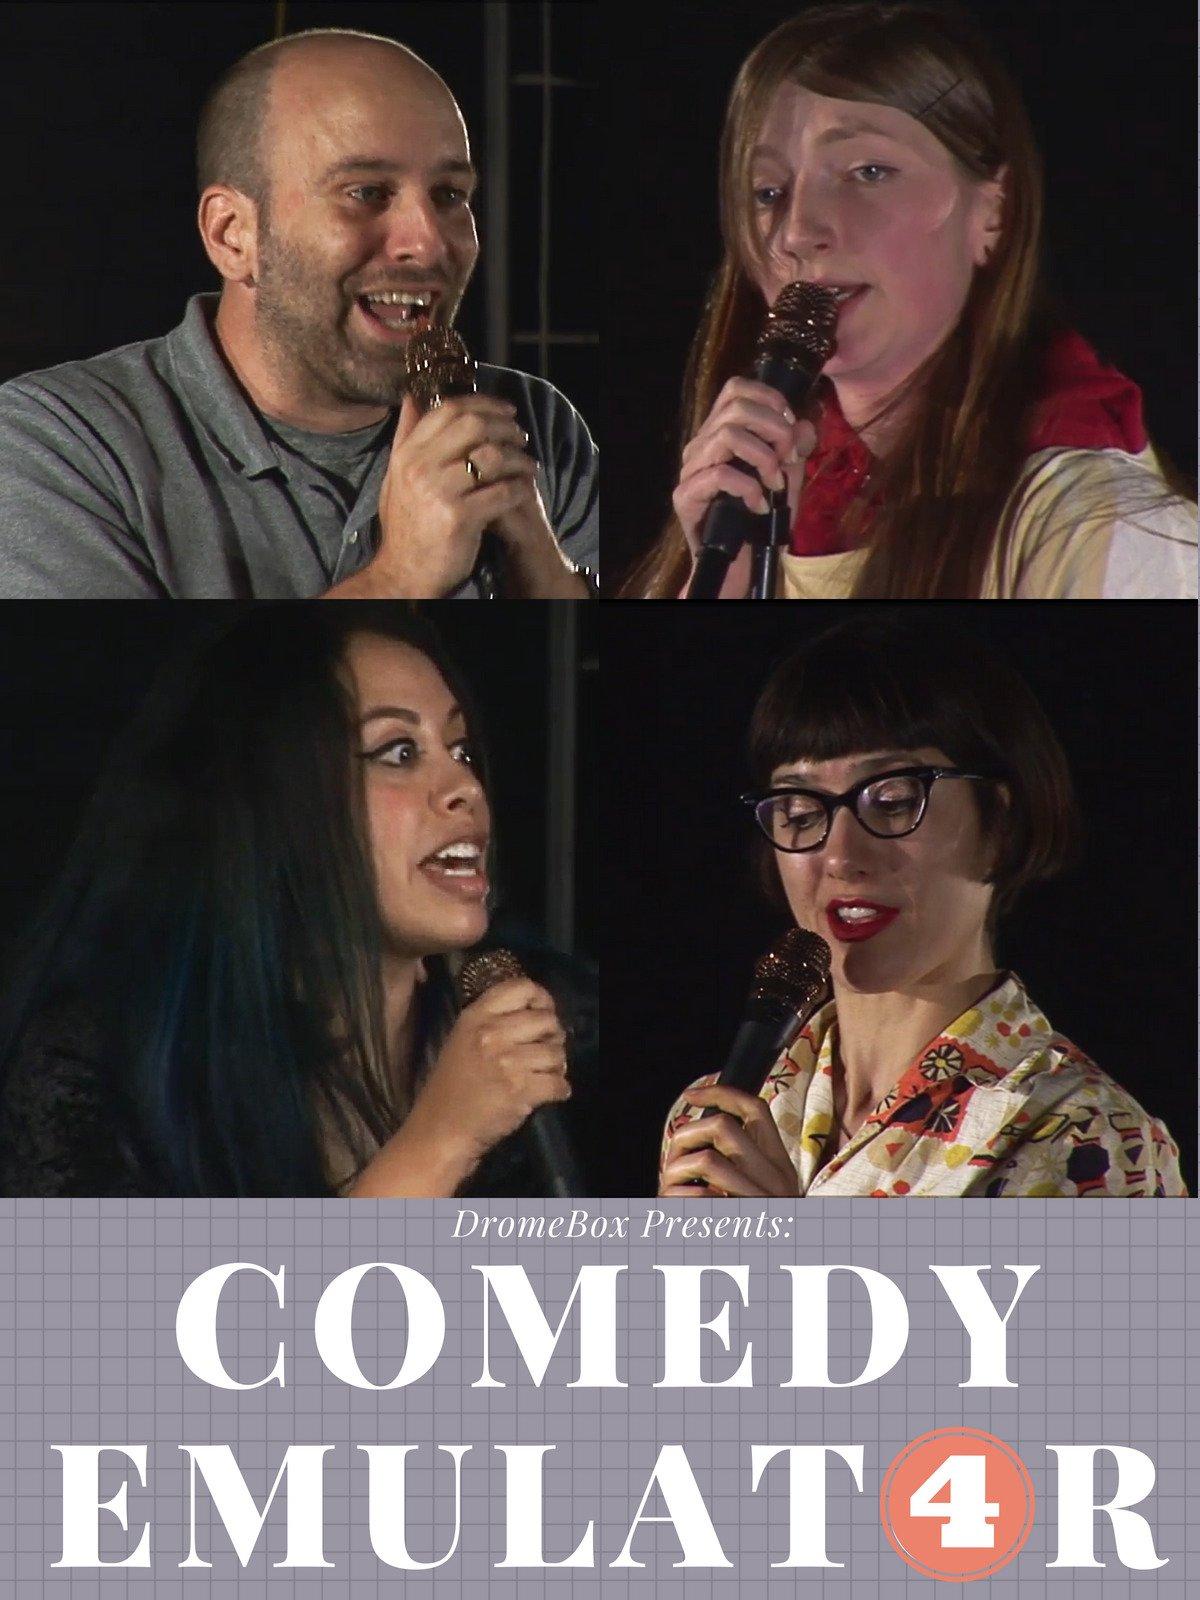 Comedy Emulator 4